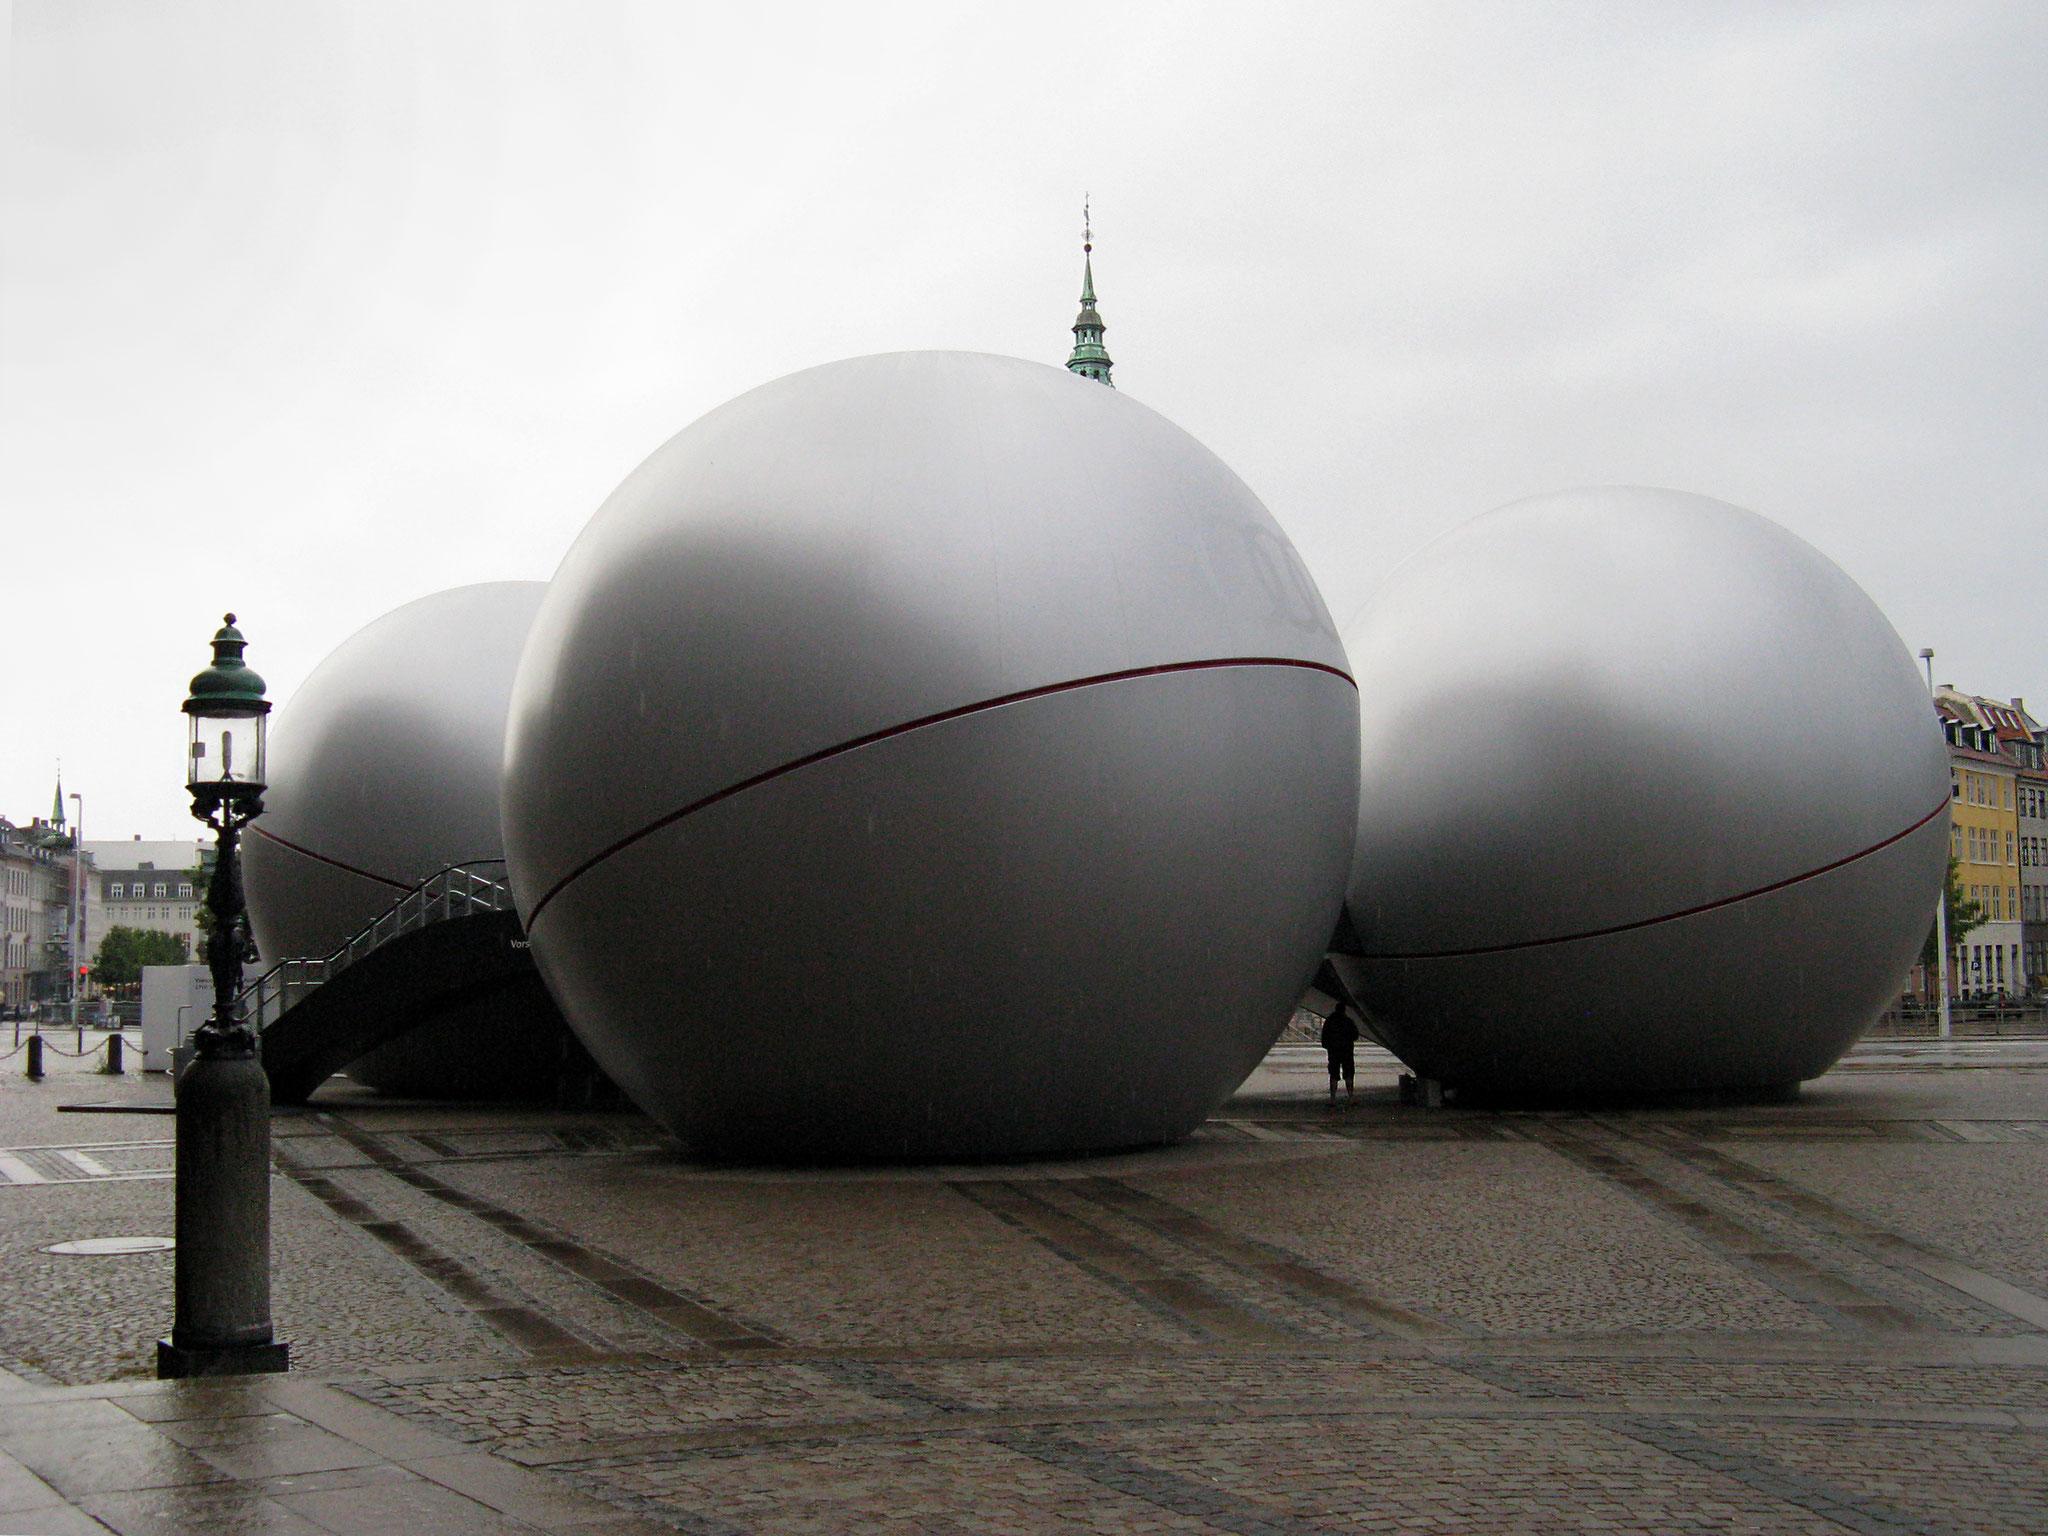 019-GHEORGHIU Petru Alexandru (Tîrgu Mures-RO) - Copenhaga (DK)